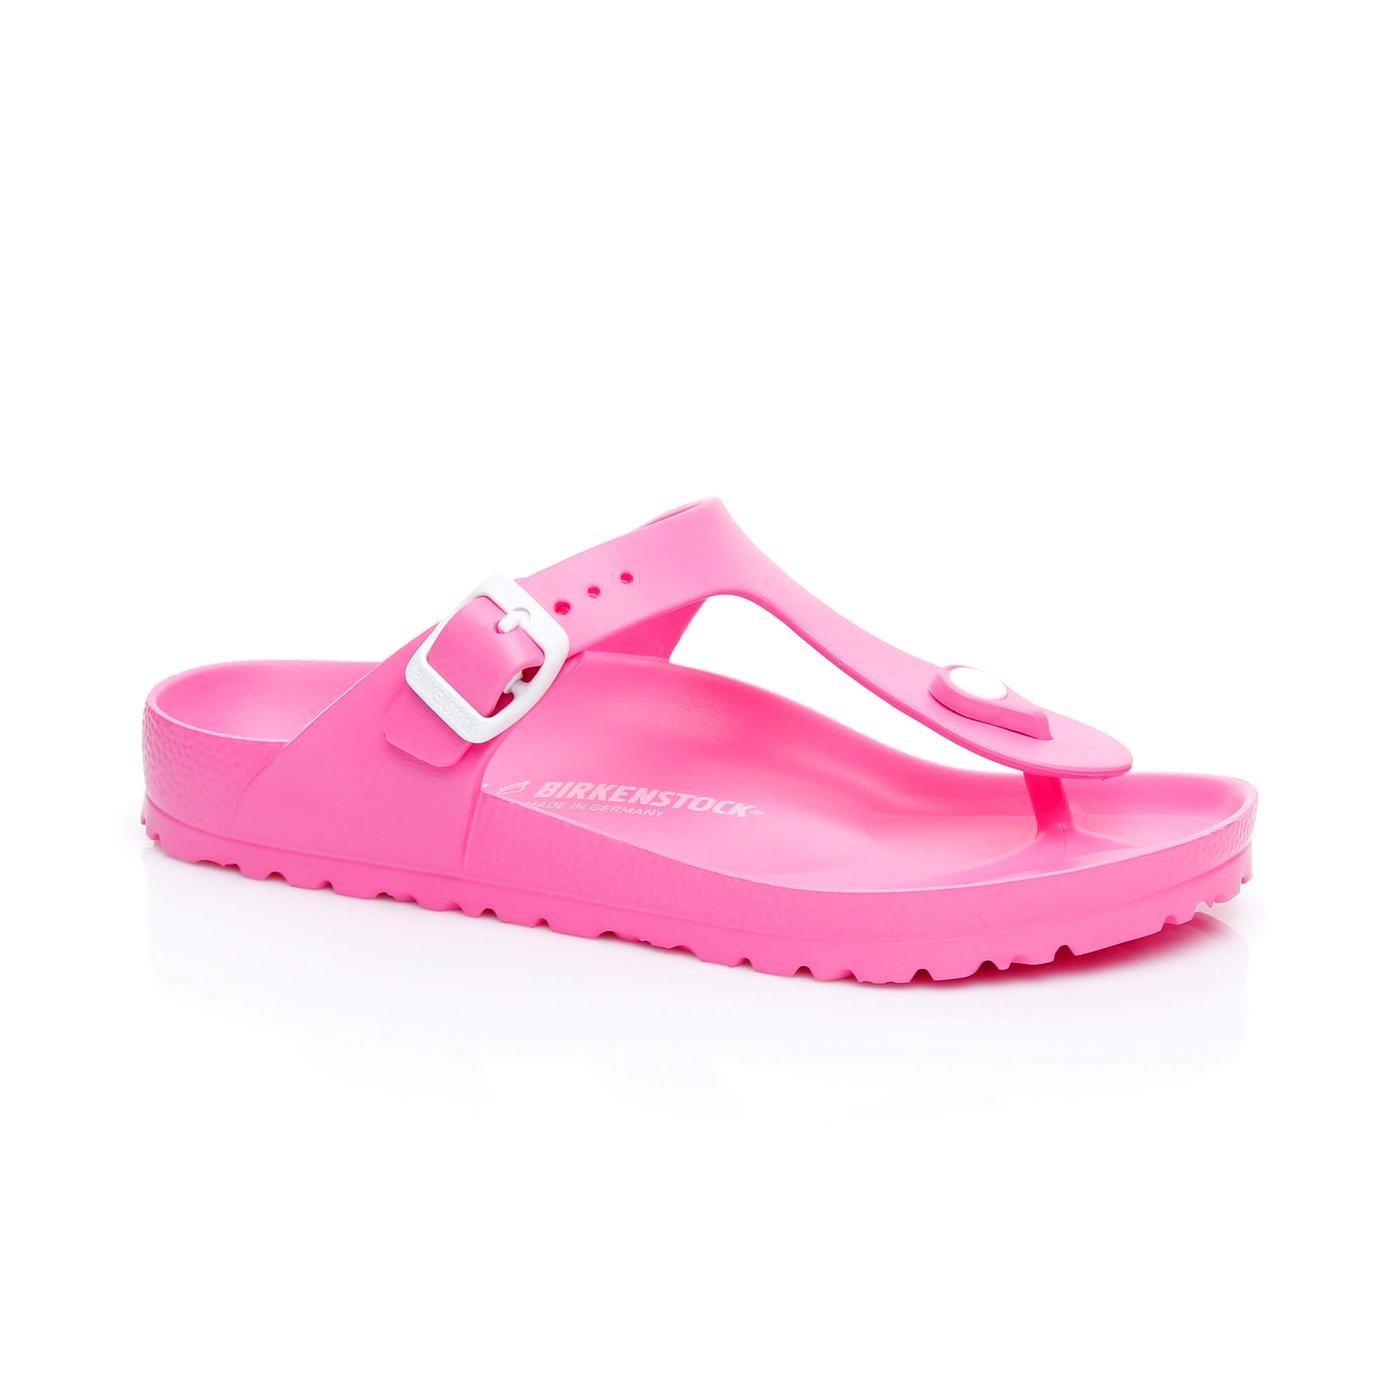 Birkenstock Gizeh Eva Kadın Pembe Sandalet